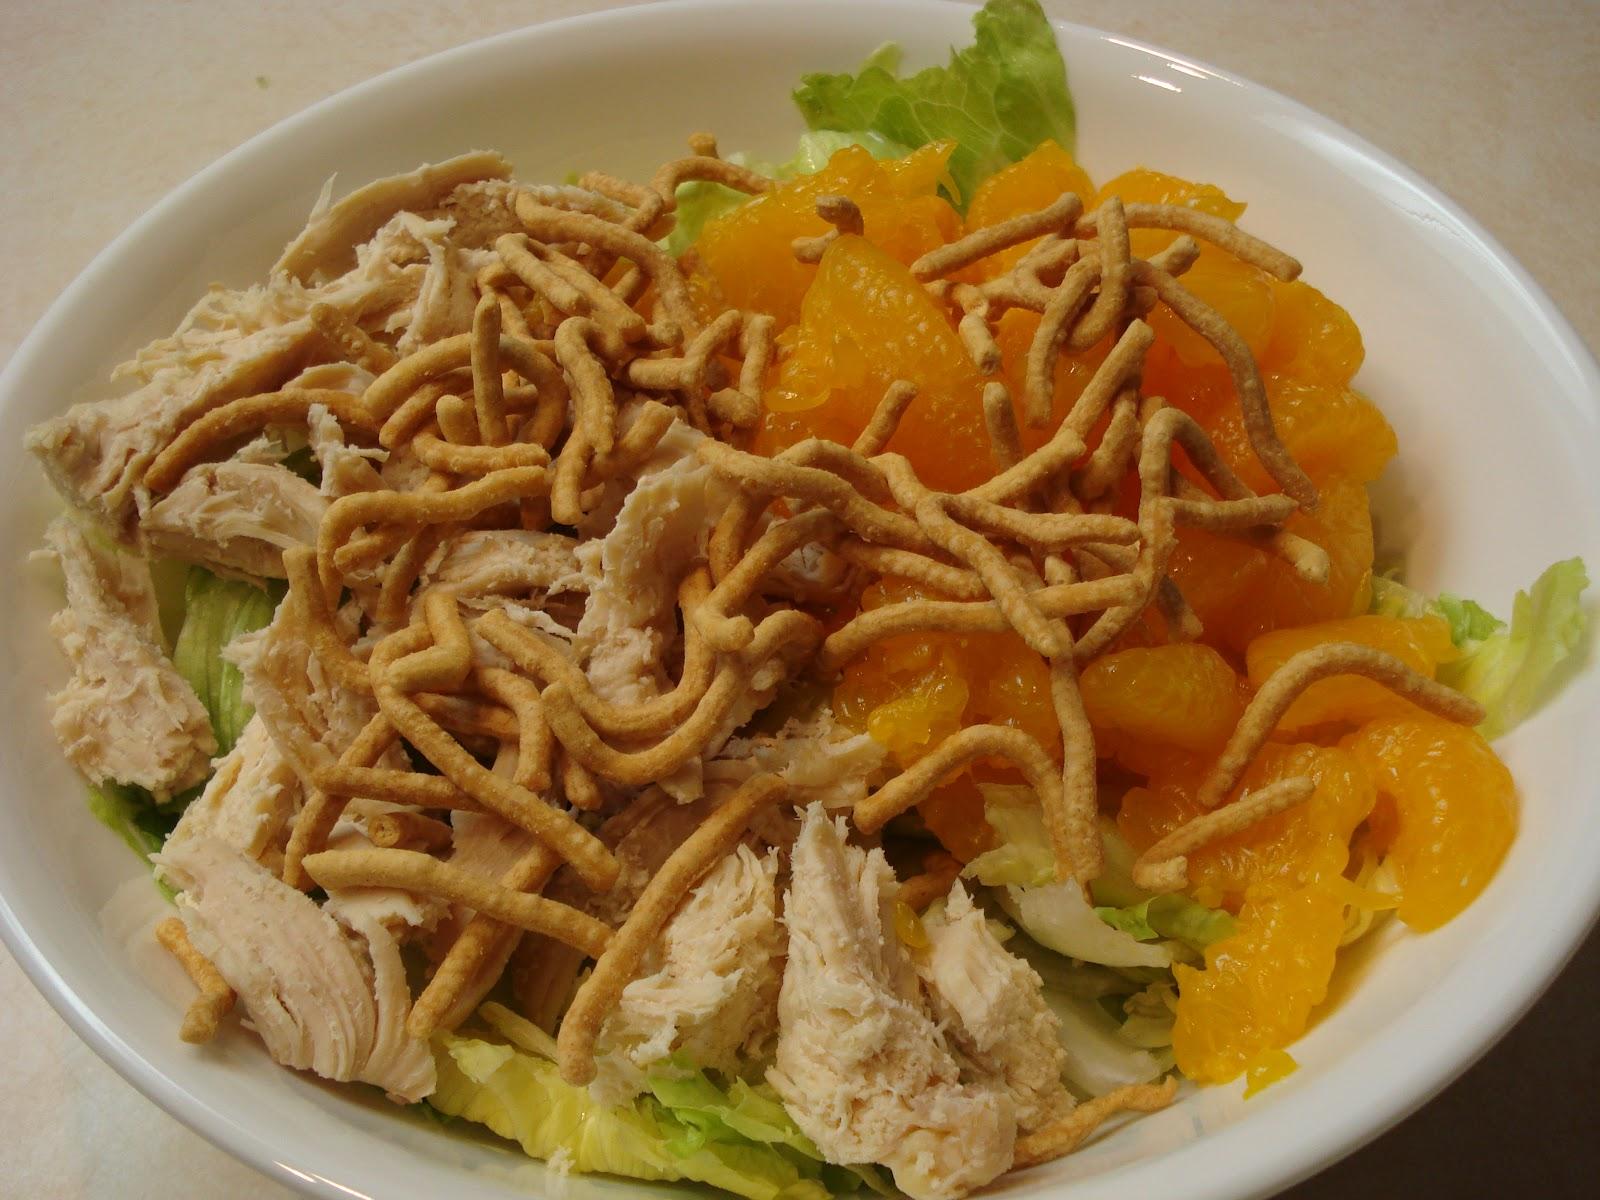 Mandarin Chicken Salad, very tasty